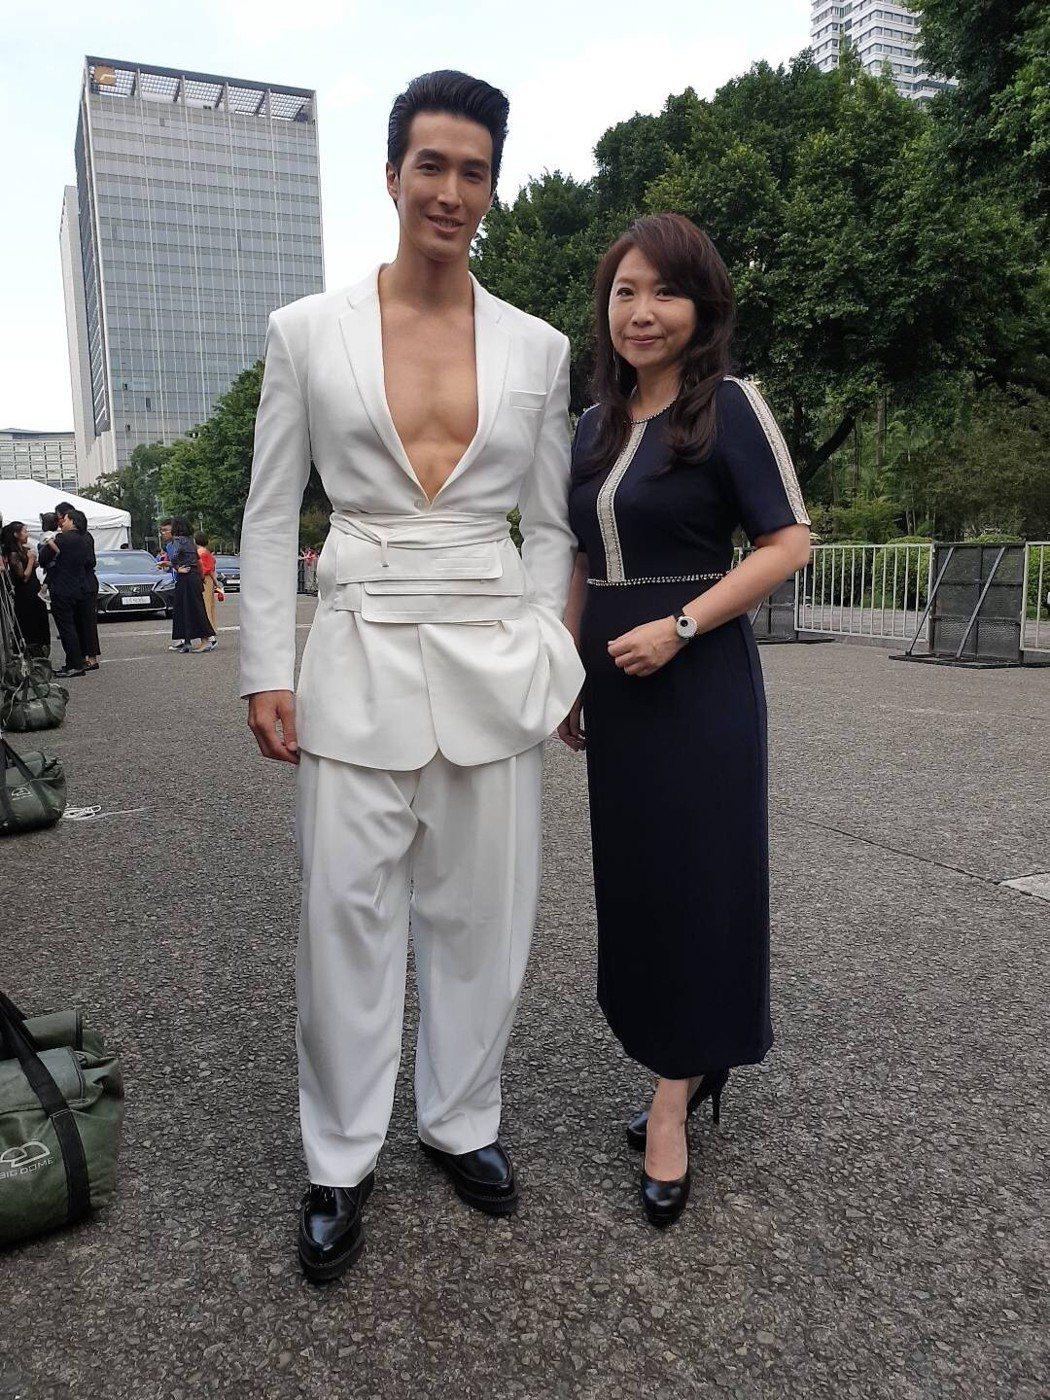 錦榮與亞旅台總經理攜手走紅毯。圖/亞旅台提供